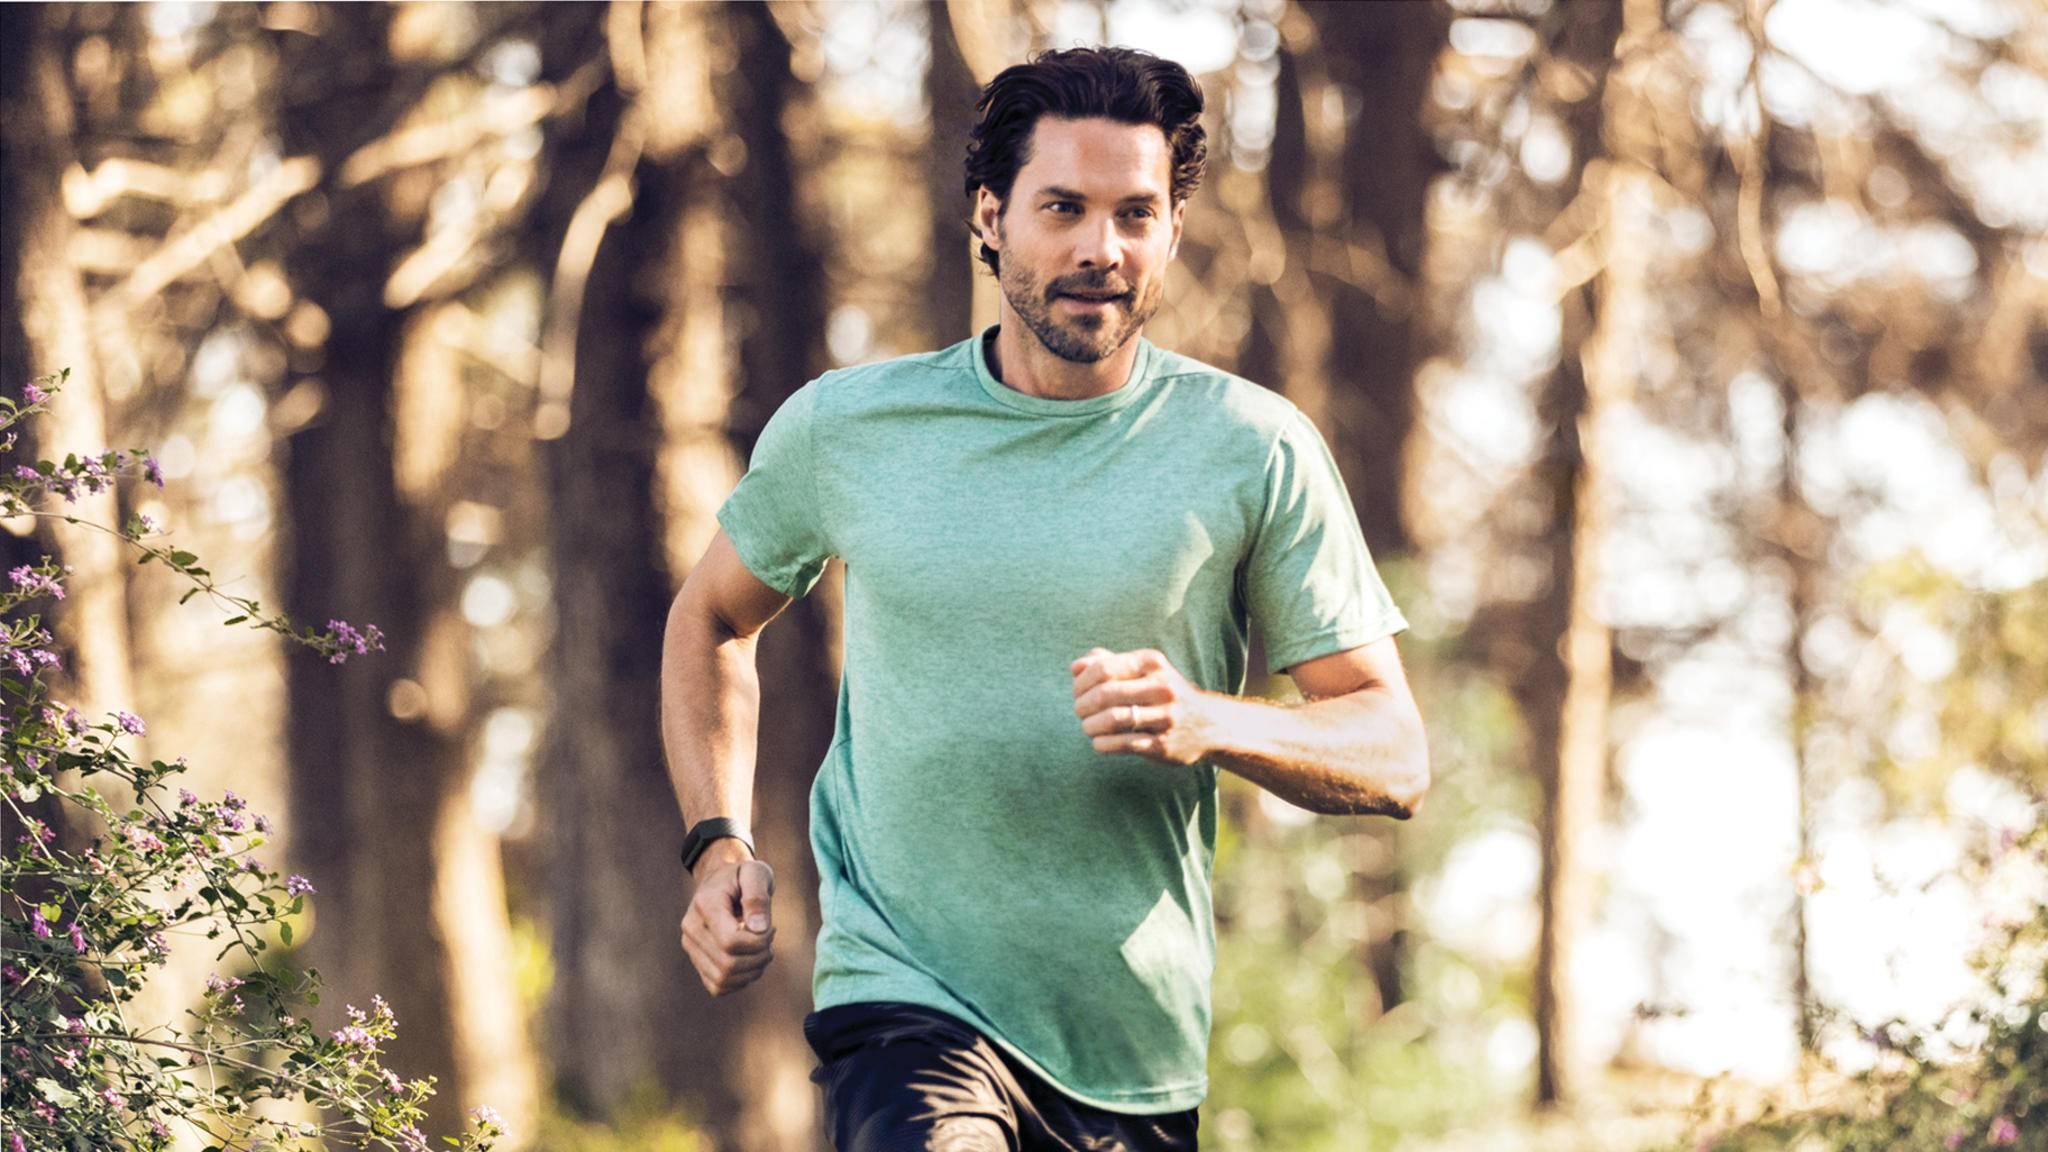 Beim Joggen die Fitbit laden? Das könnte bald Realität werden.